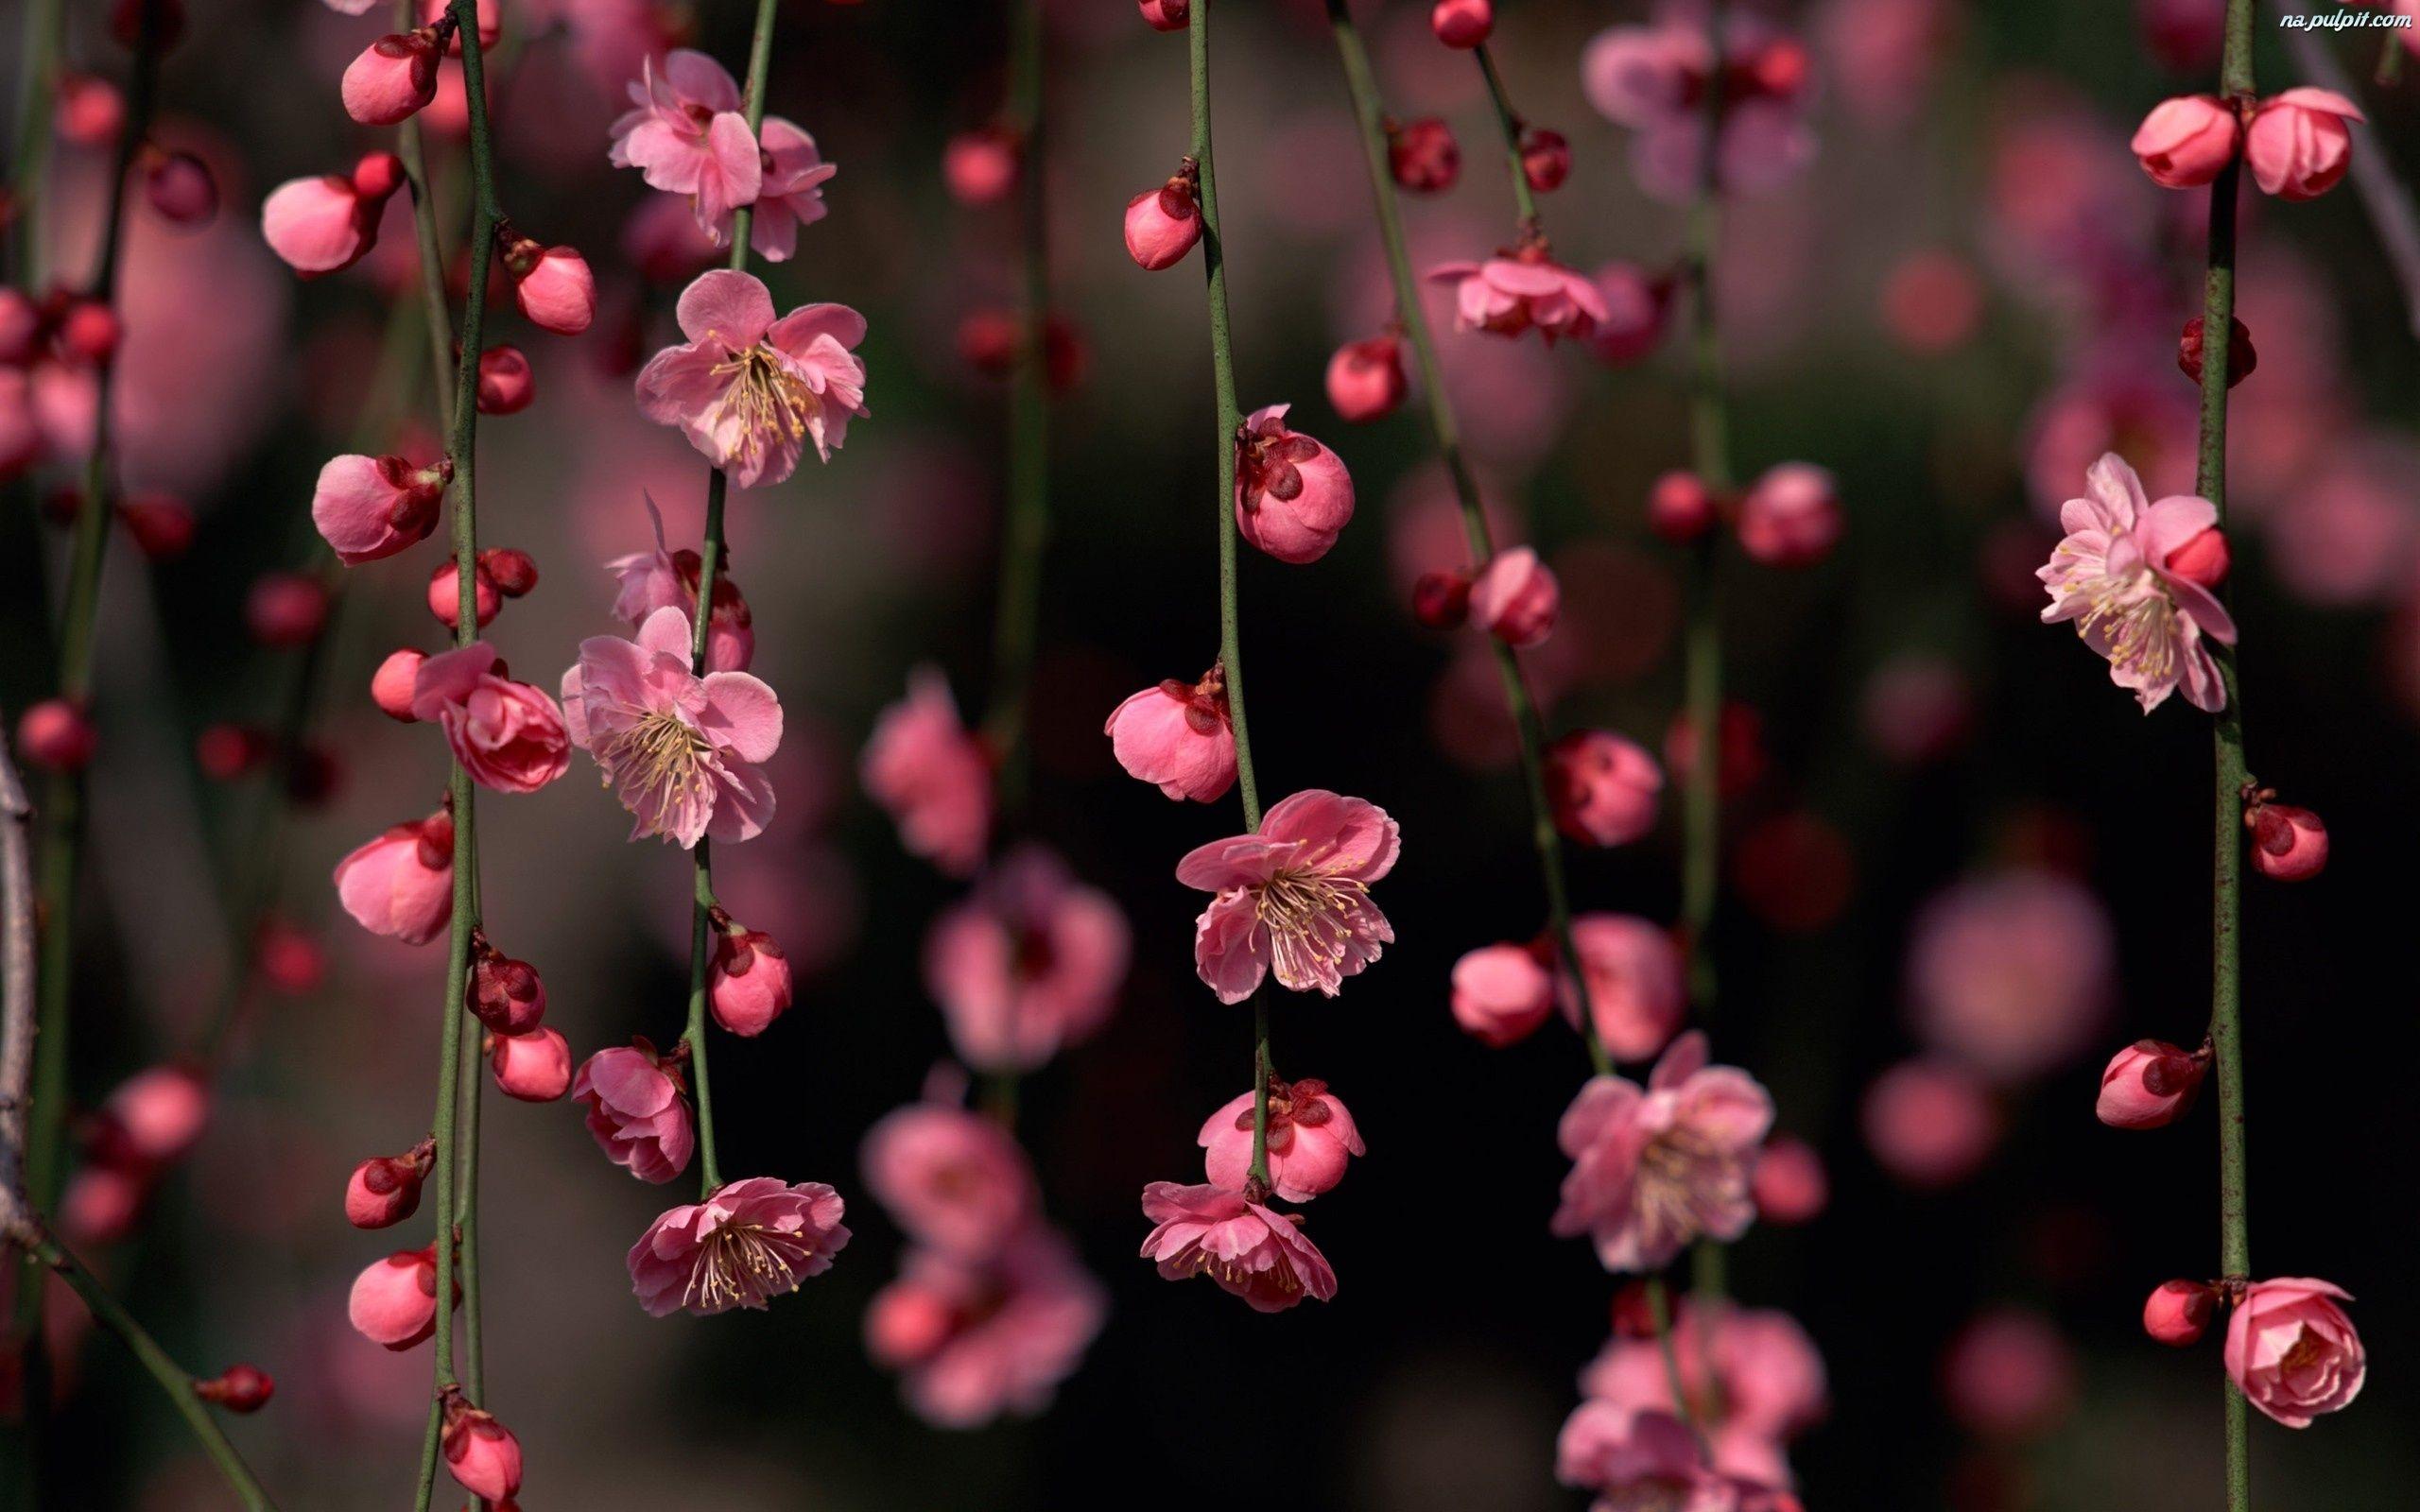 Pin By Alina740 On Kwiaty Flowers Floral Wallpaper Desktop Pink Flowers